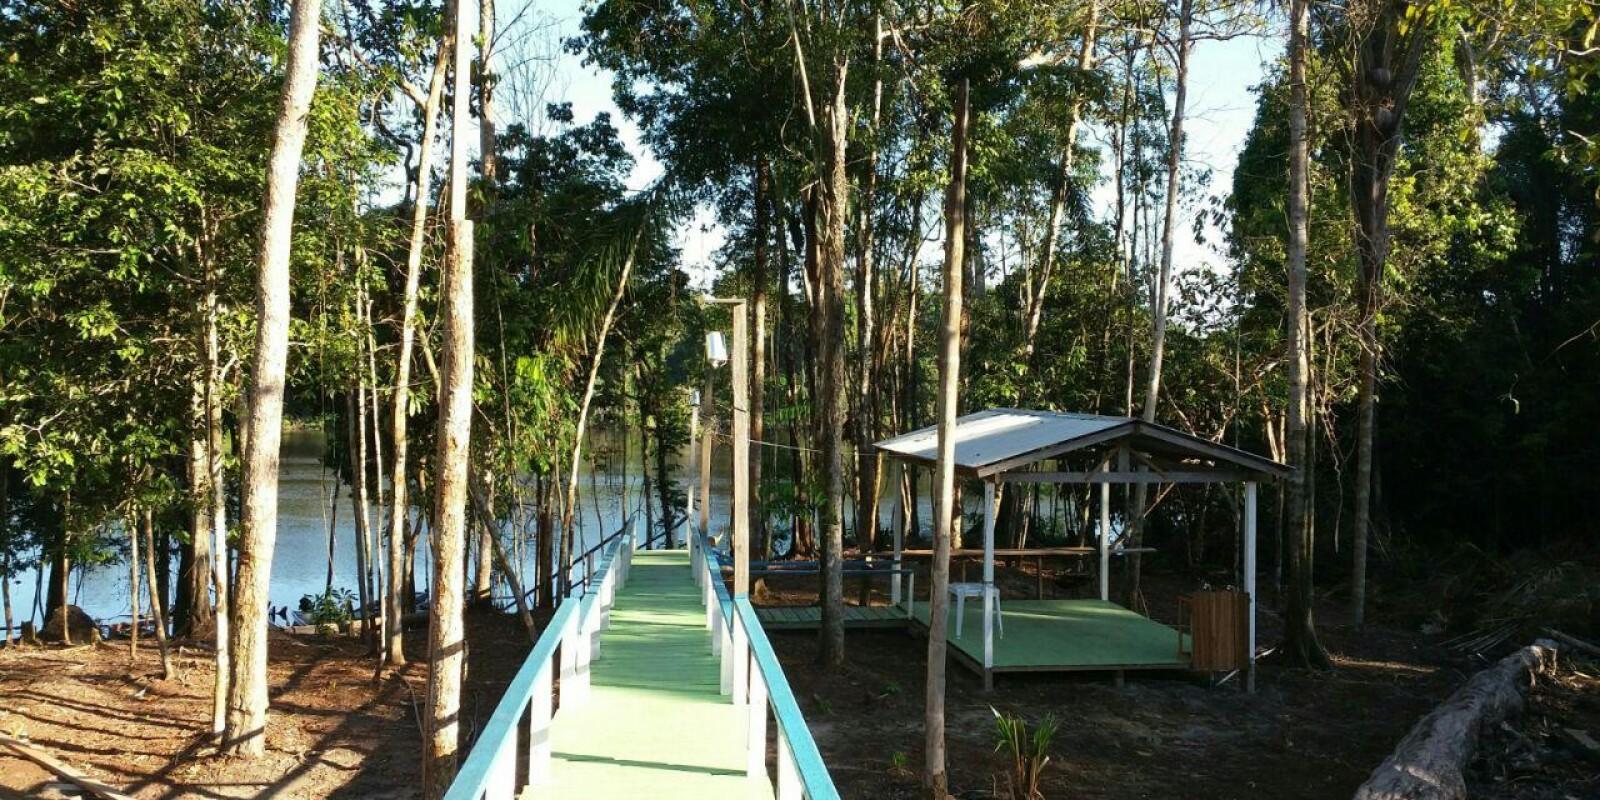 Pousada Acari - Amazônia - Rio Acari - 20 pessoas - Foto 8 de 33